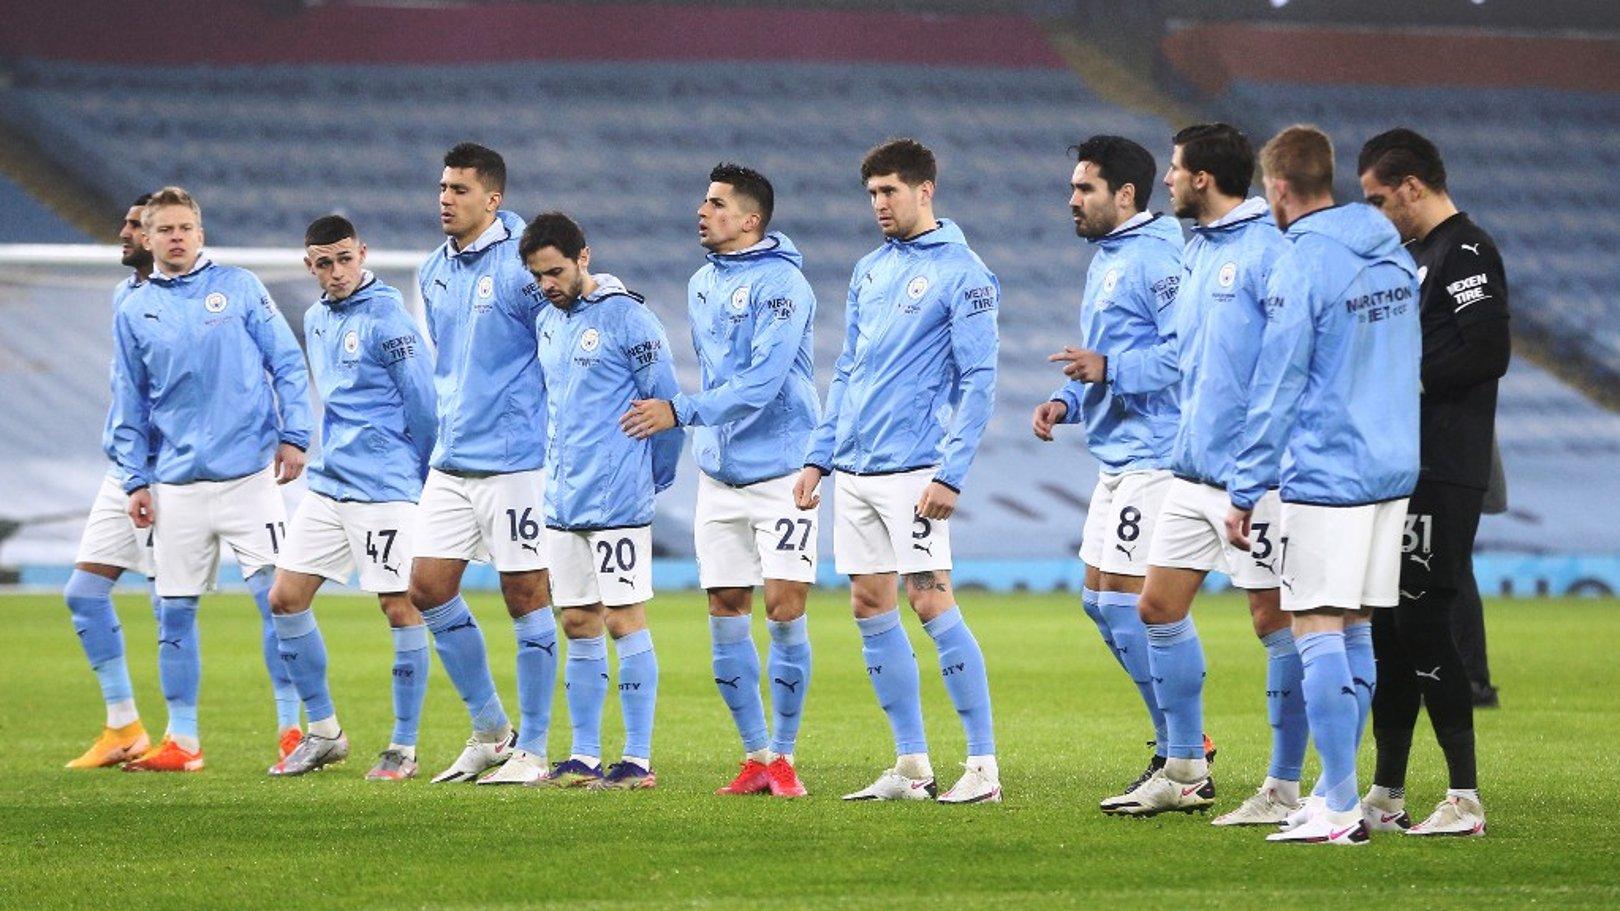 Kick-off rearranged for City v Aston Villa